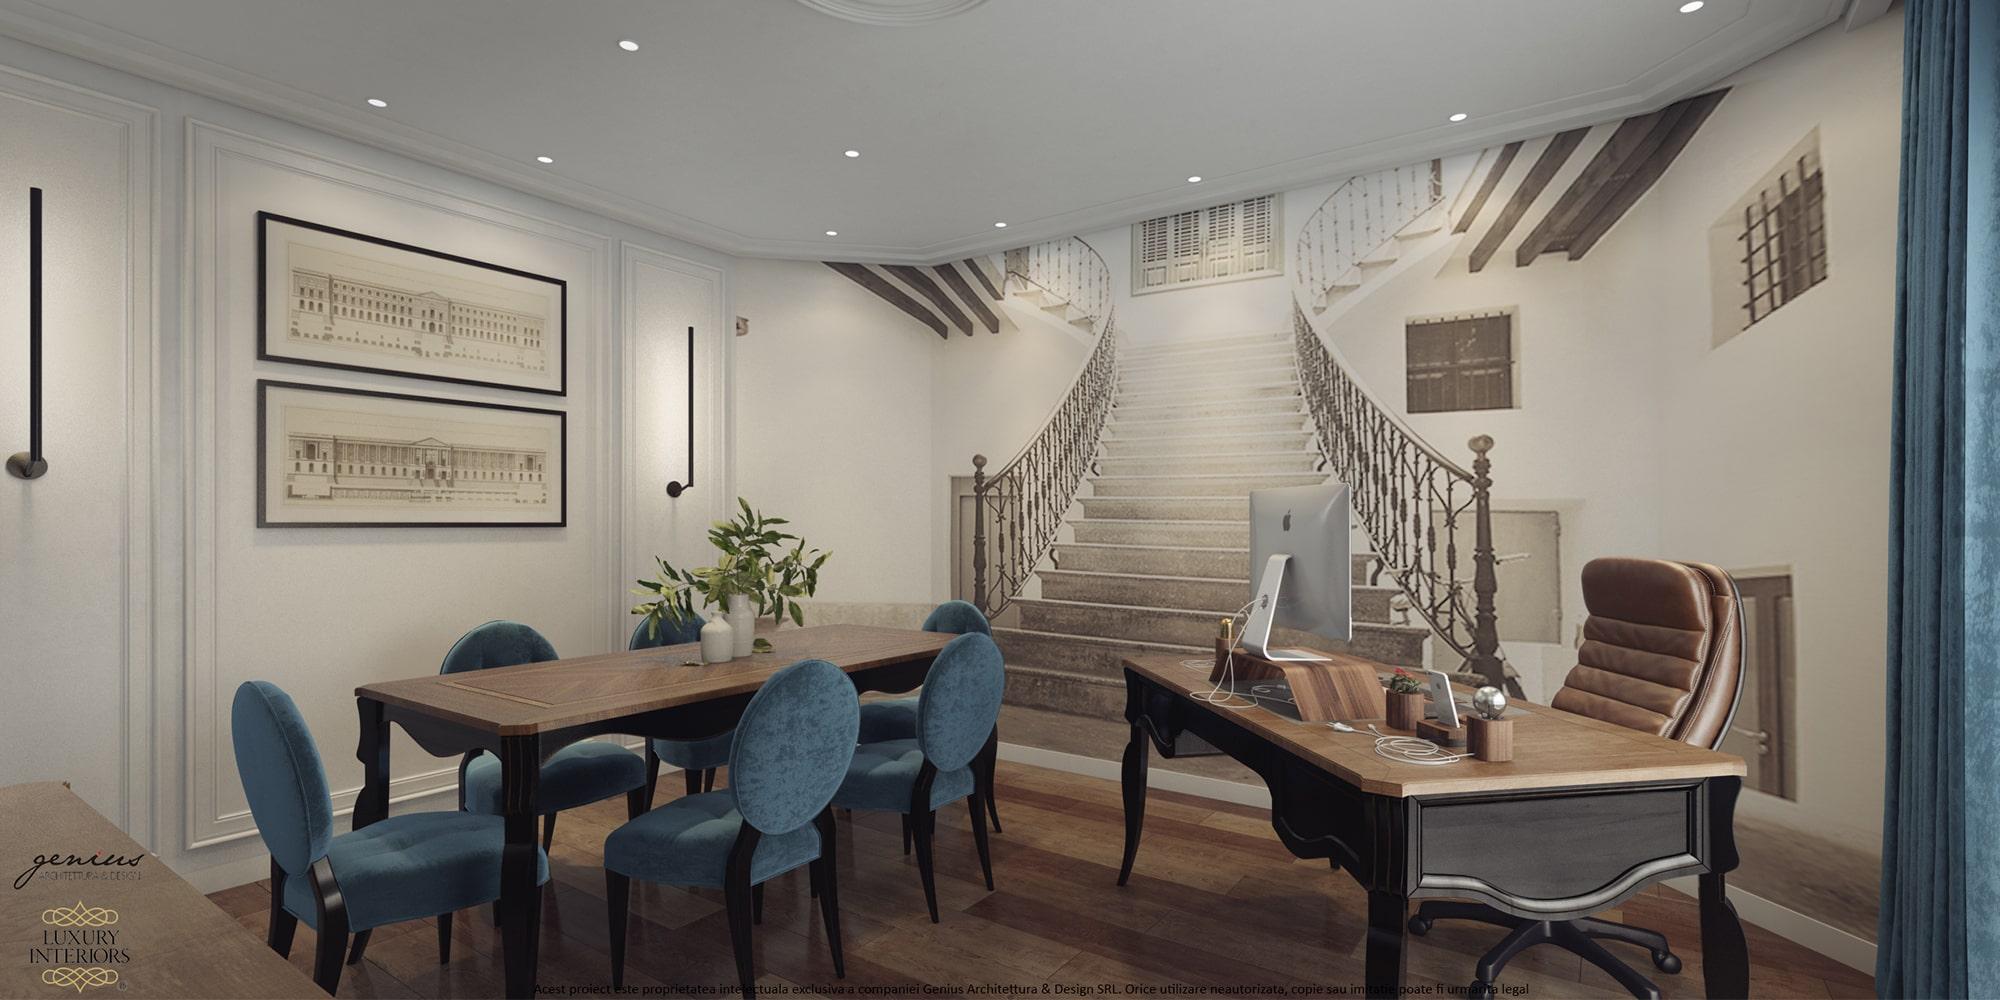 Luxury Interiors Because You Deserve Luxury Interiors